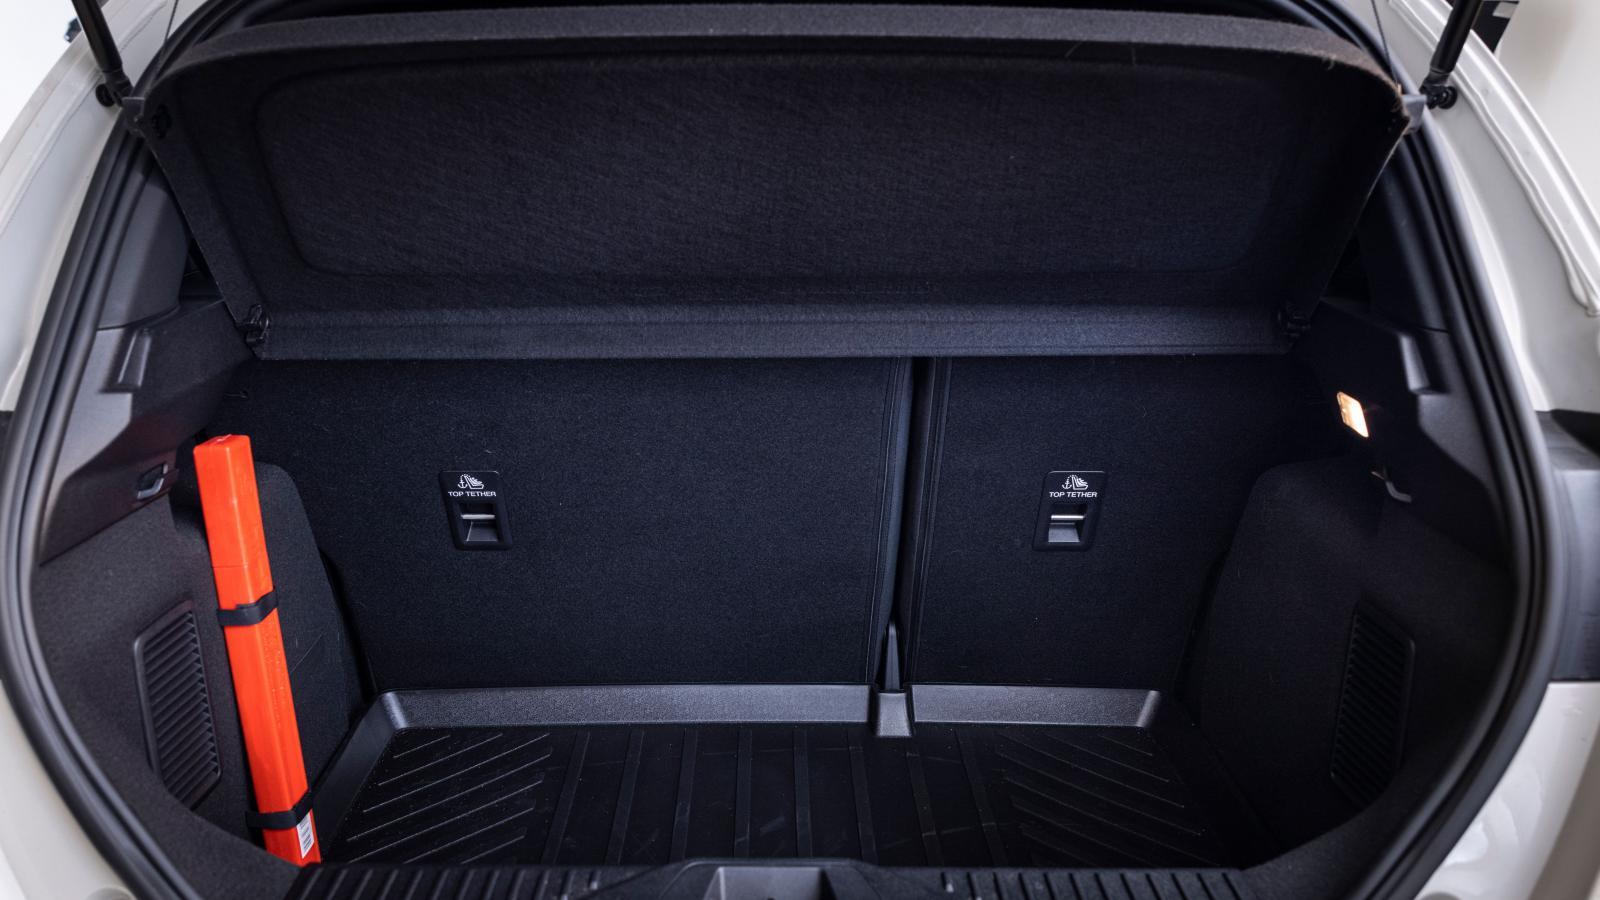 Enligt VDA-normen rymmer Fiestas nästan kvadratiska bagageutrymme 292 liter. Hjulhusen har täckts bakom raka plastkåpor, det underlättar utrymmeseffektiv lastning av kantiga föremål. Mycket markerad inre lasttröskel. Inga lastsäkringsöglor. Baksätet fälls i 60/40 proportion, markerad tröskel.